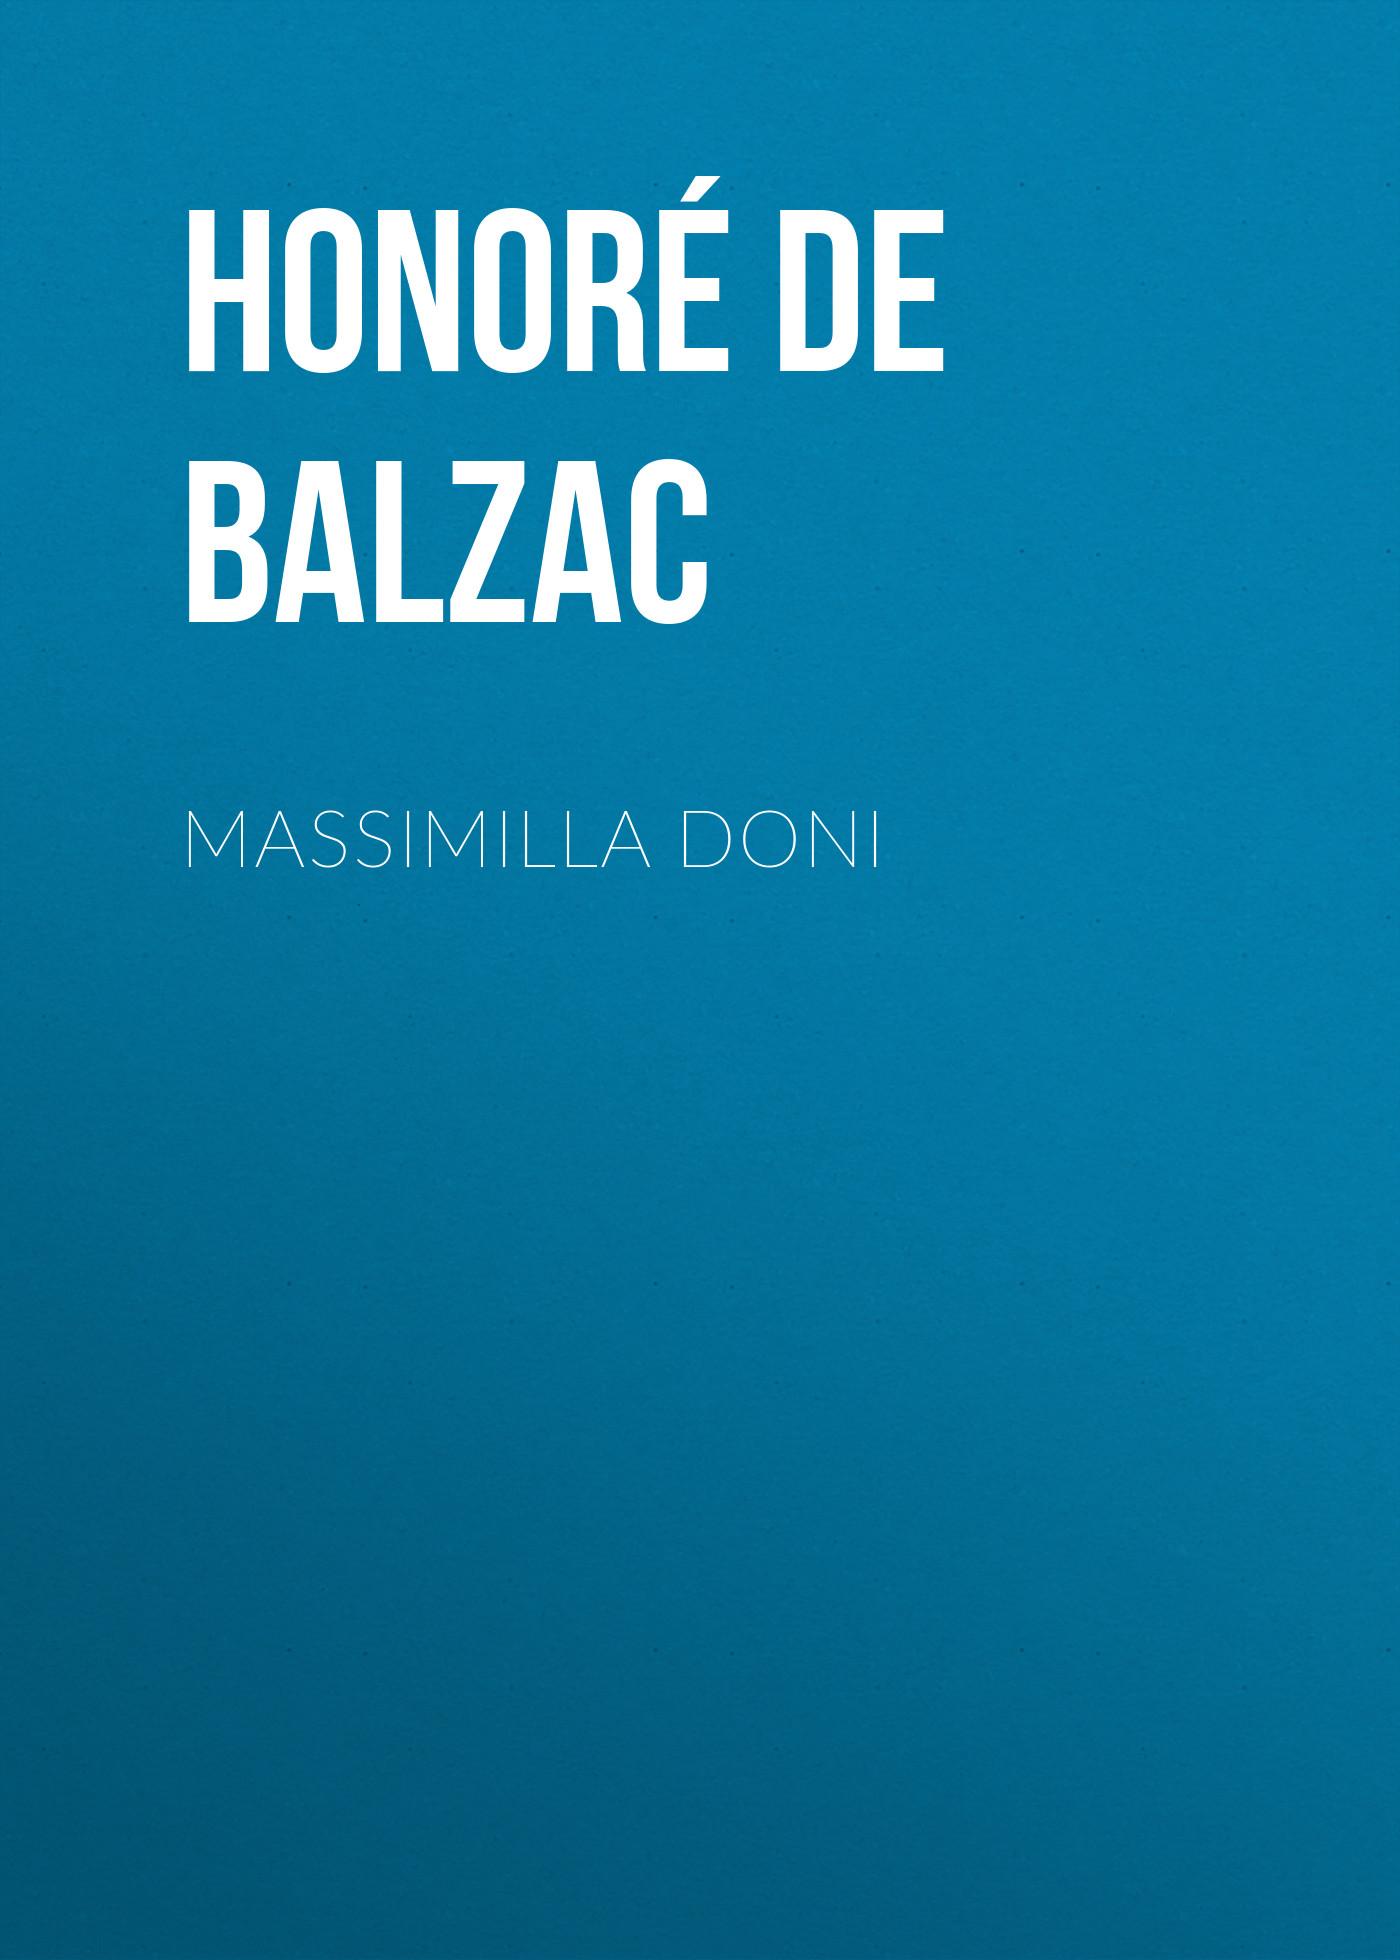 Оноре де Бальзак Massimilla Doni виниловая пластинка truffaz erik quartet doni doni